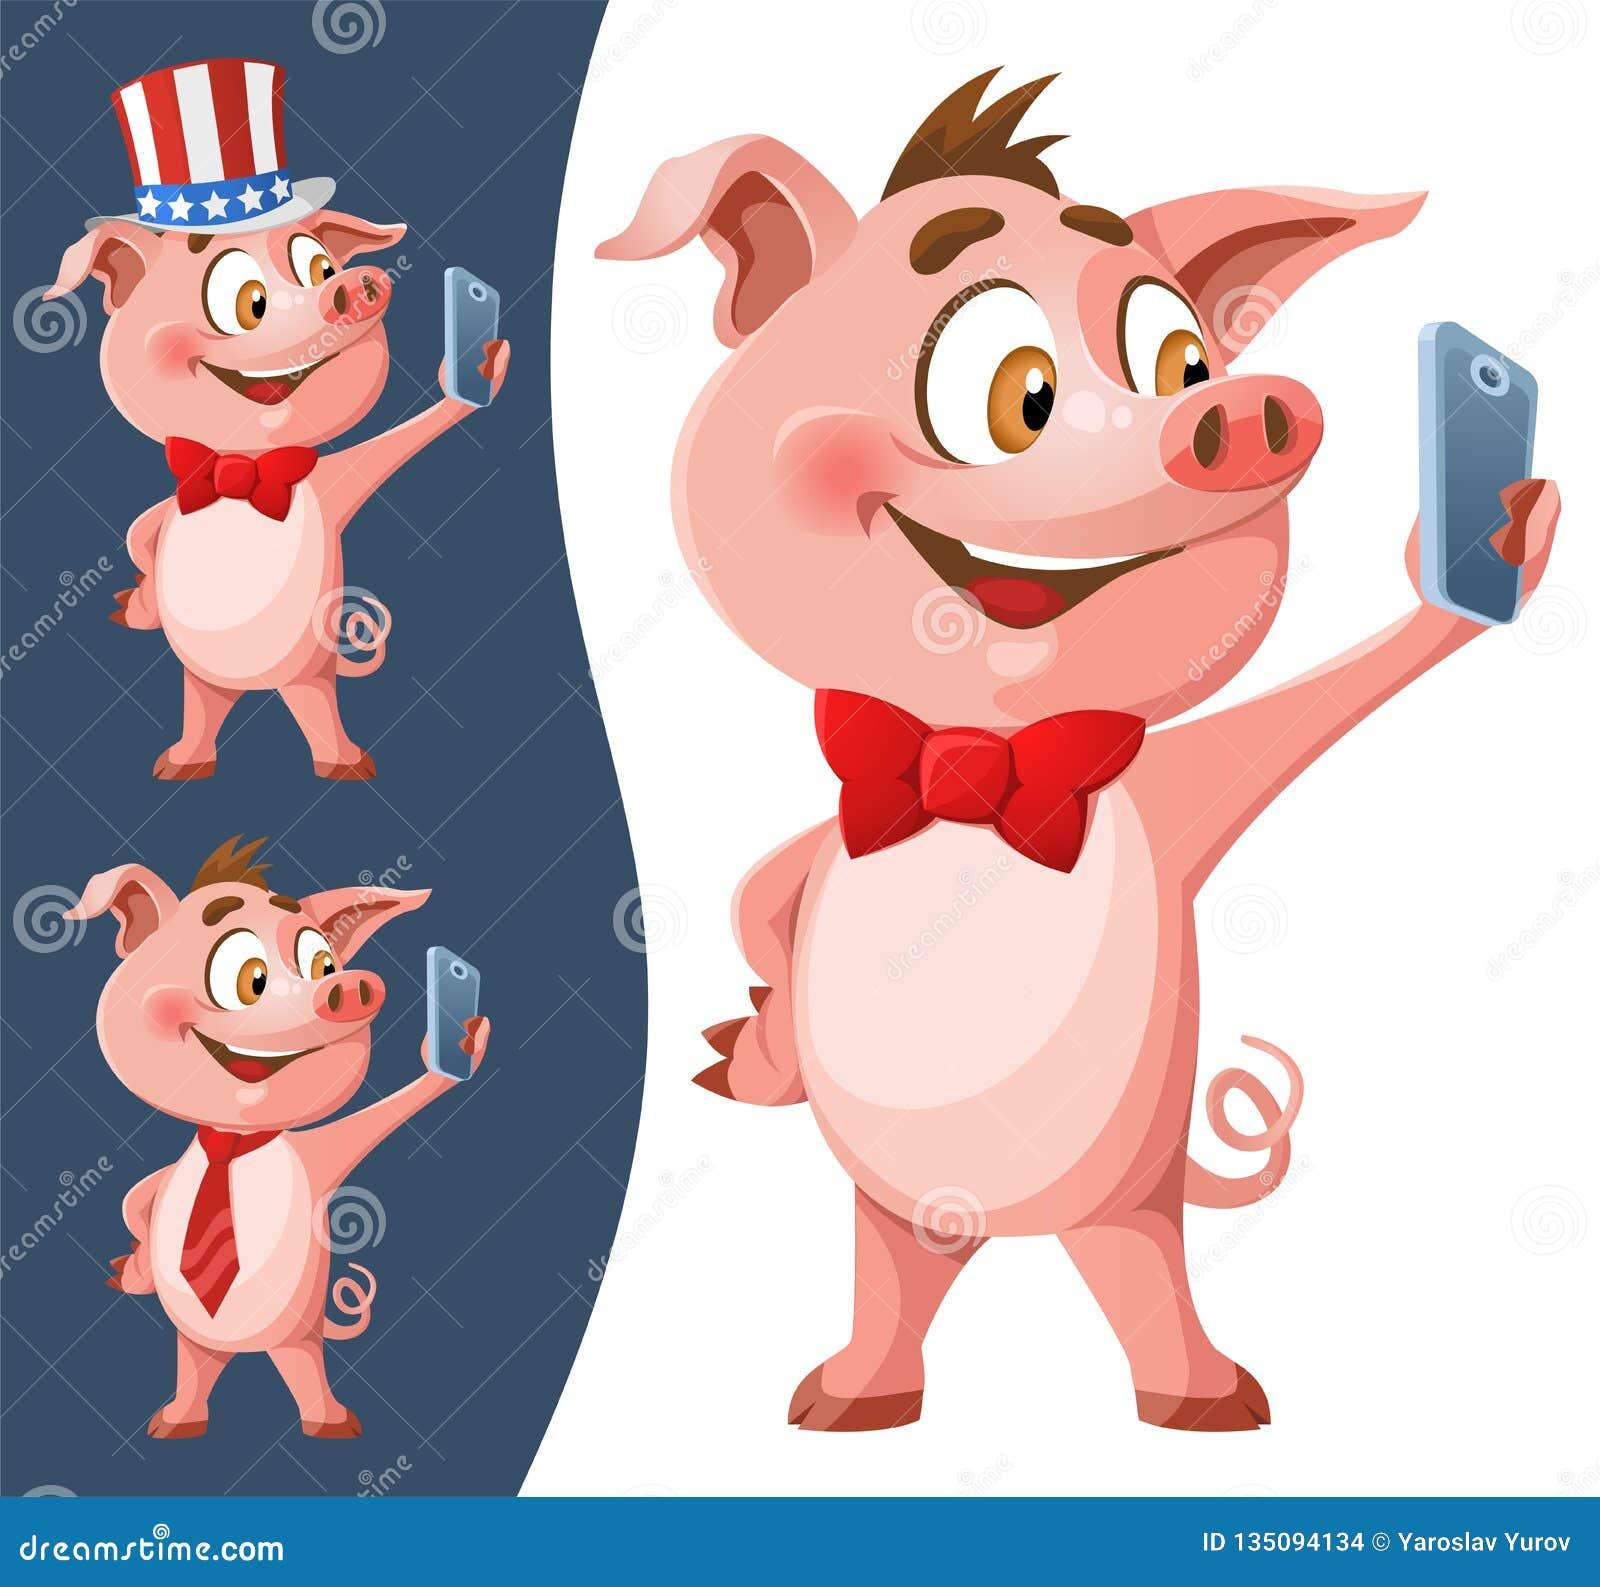 Смешная свинья как символ selfie Нового Года 2019 делая